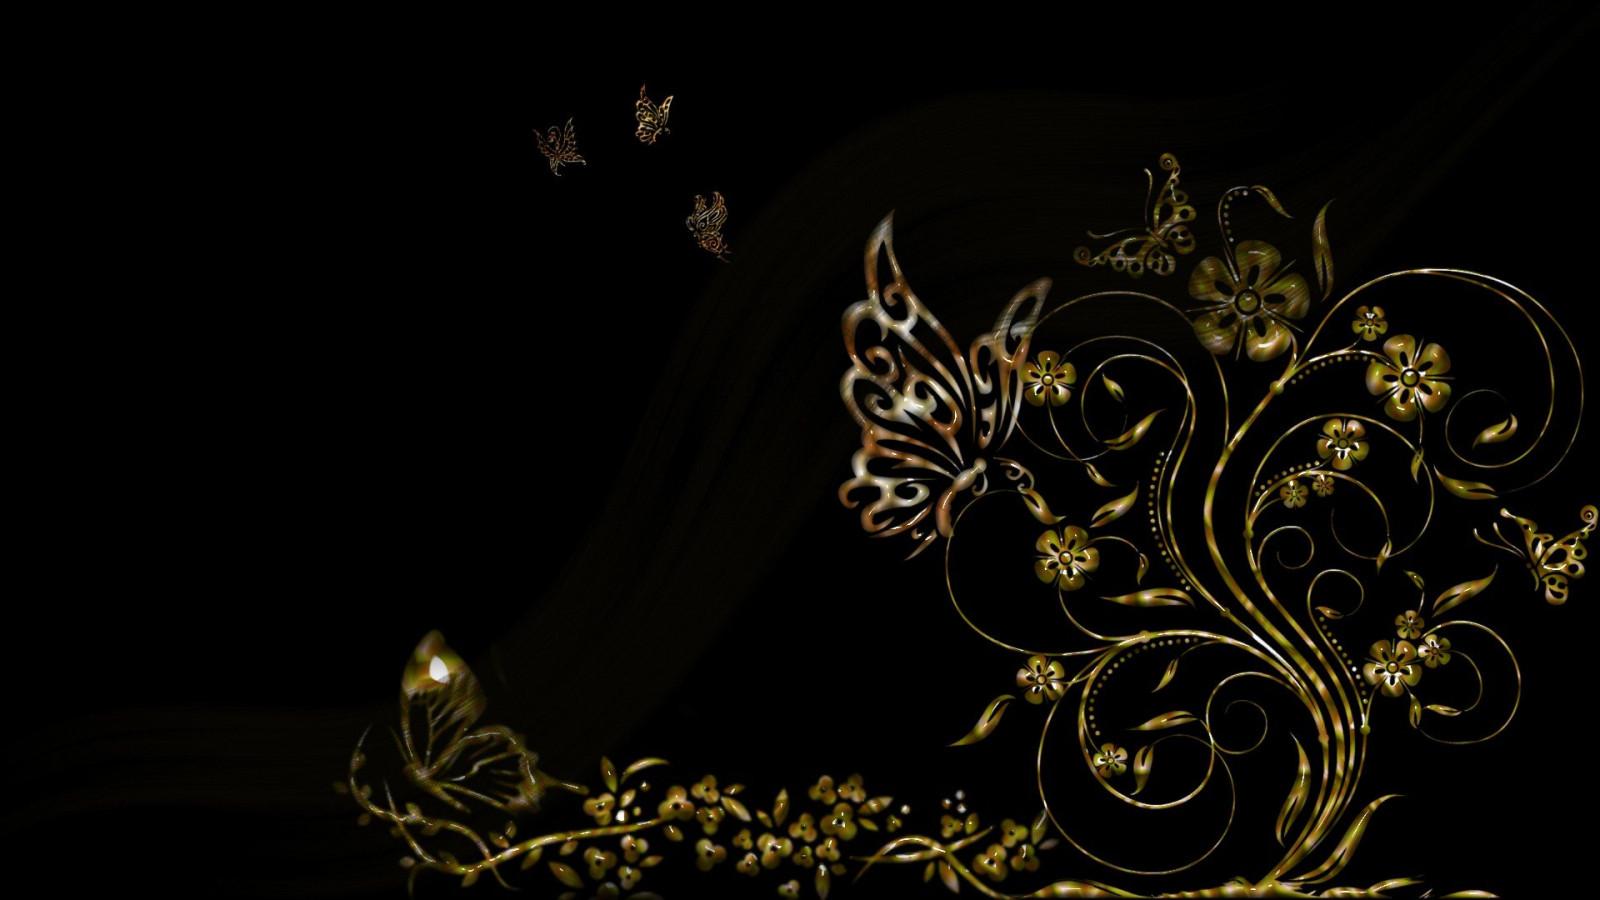 Картинки золотом на черном фоне, для февраля